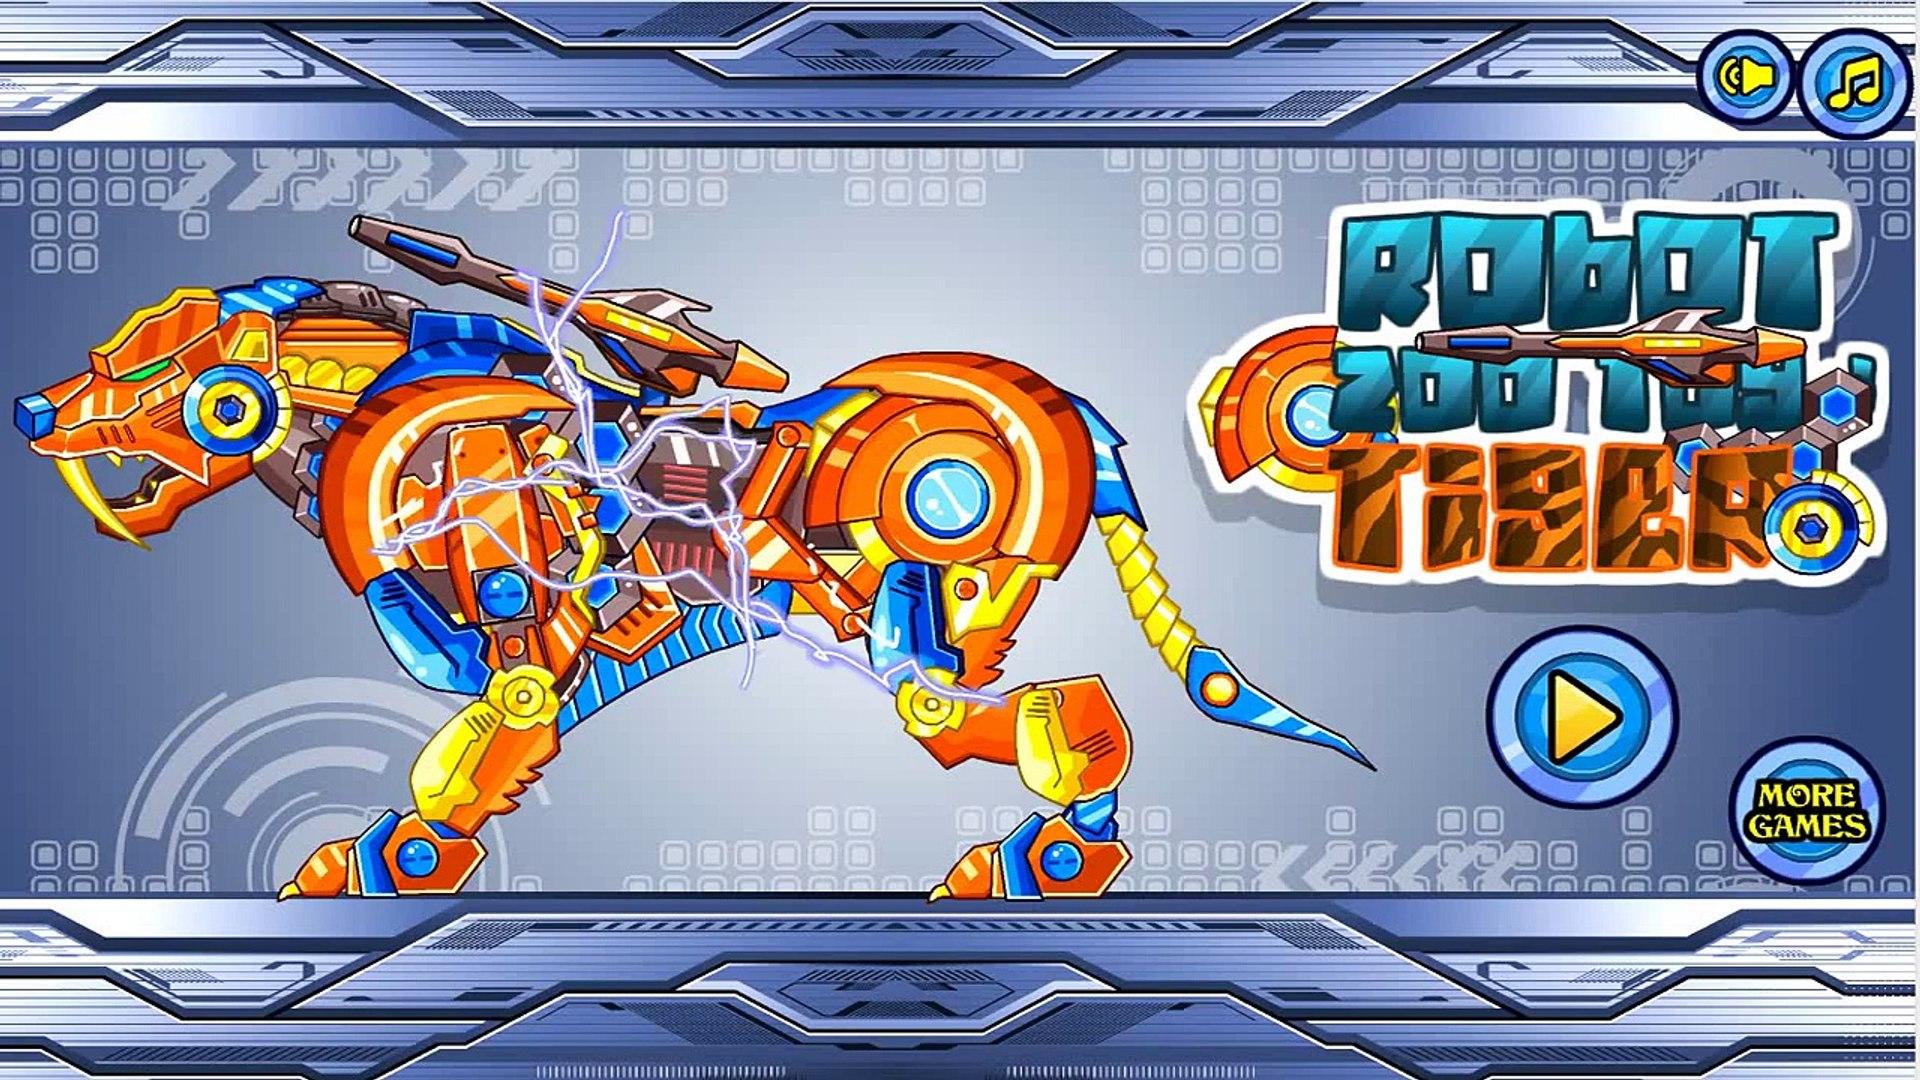 공룡놀이  로봇 호랑이를 수집  Collect robot tiger  Робот Тигр